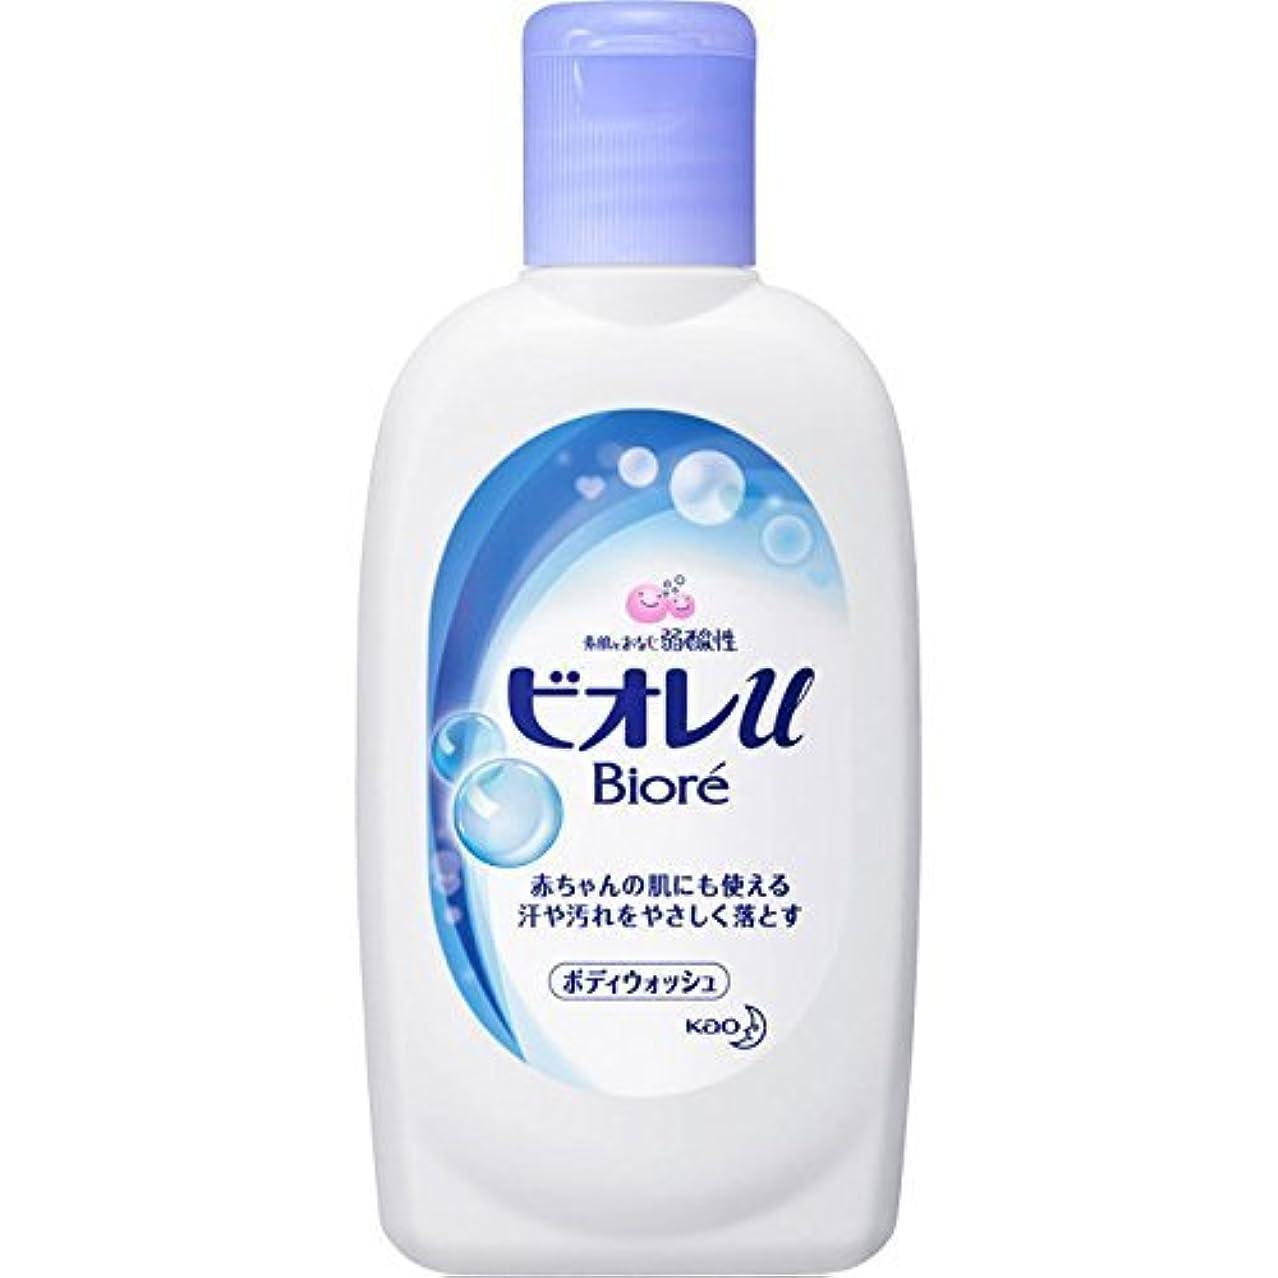 セール服アッパー【花王】ビオレu ミニフレッシュフローラルの香り 90ml ×10個セット